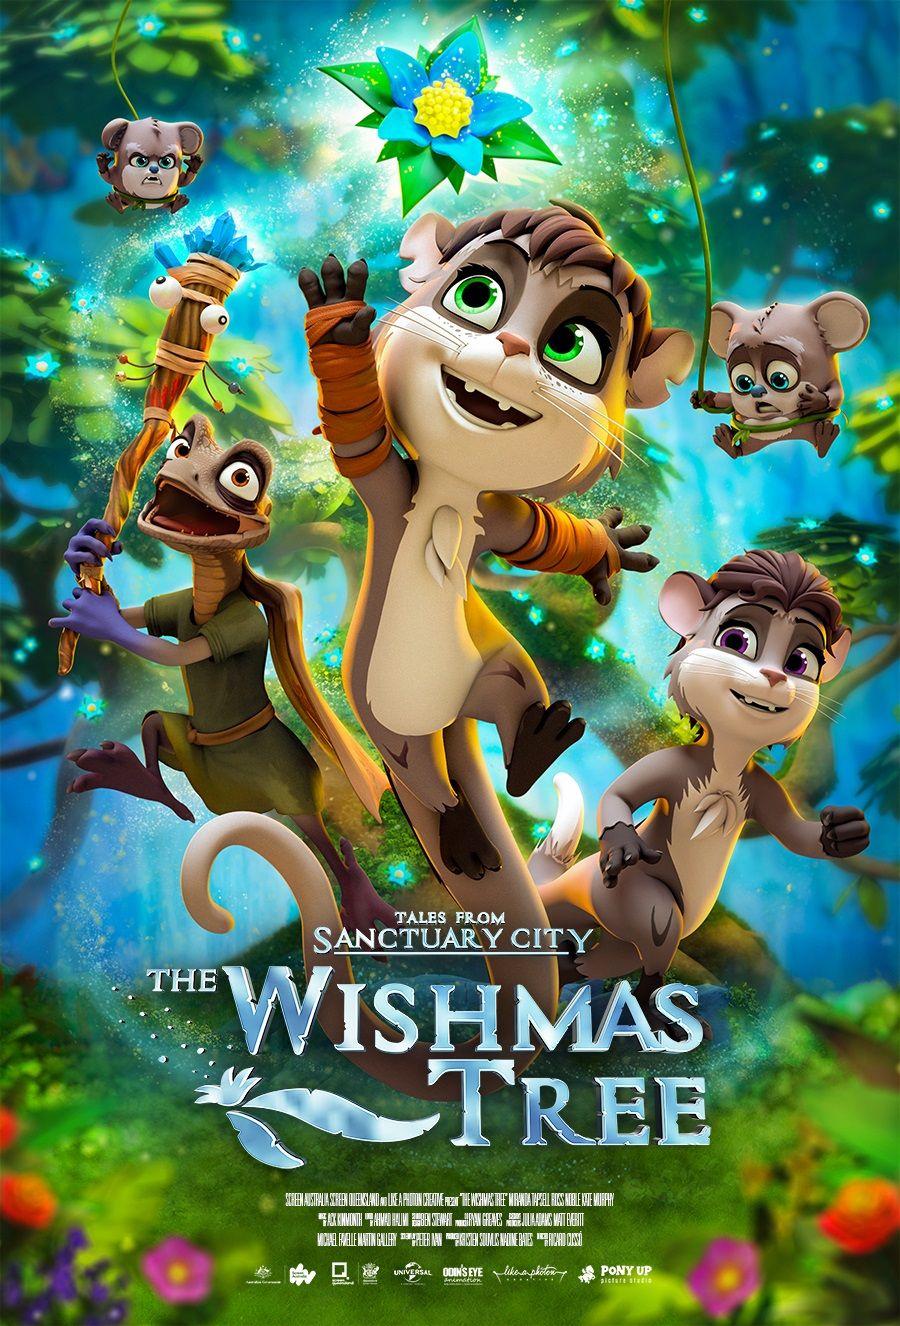 The Wishmas Tree Movie Trailer Https Www Dailymotion Com Video X7owl2t Thewishmastree Thewishmastreemovie S Kids Movies Animated Movies New Movies